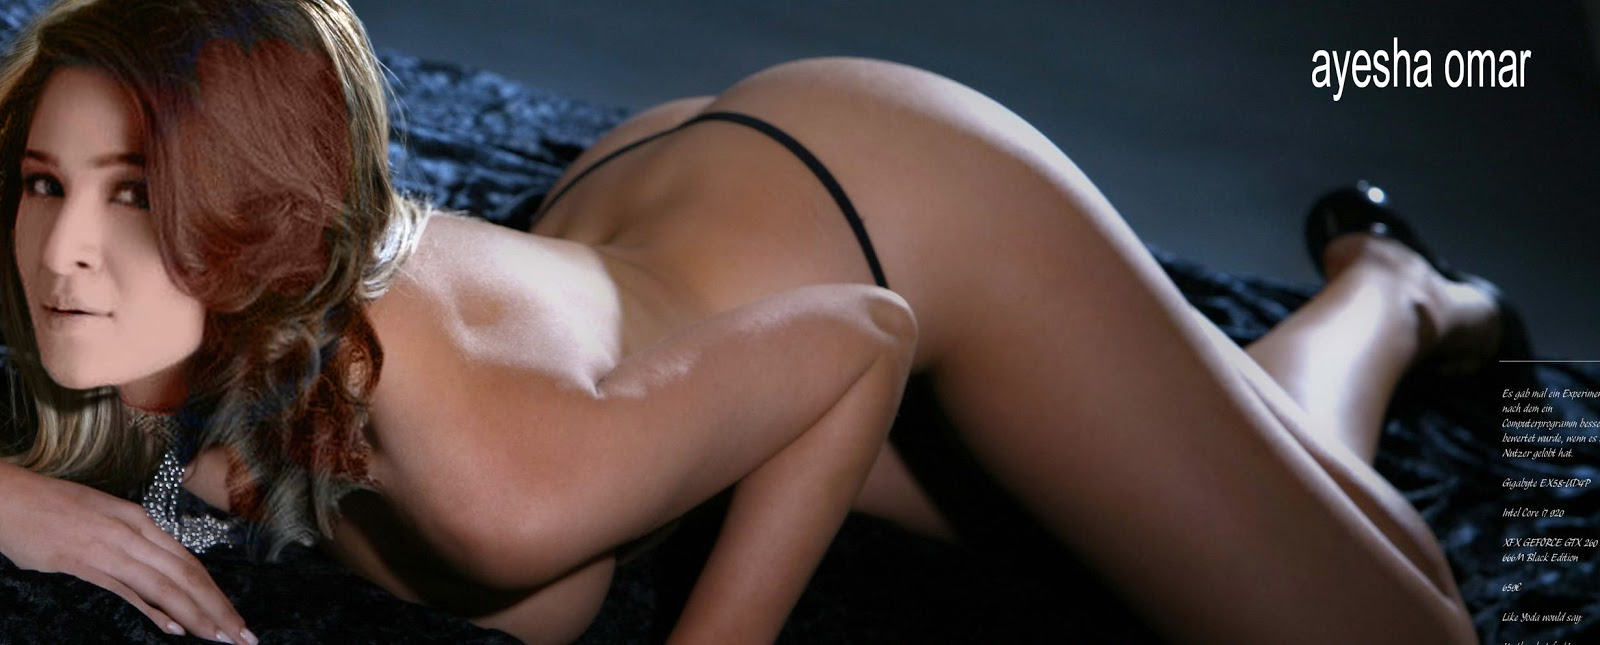 Ayesha Omar Hot